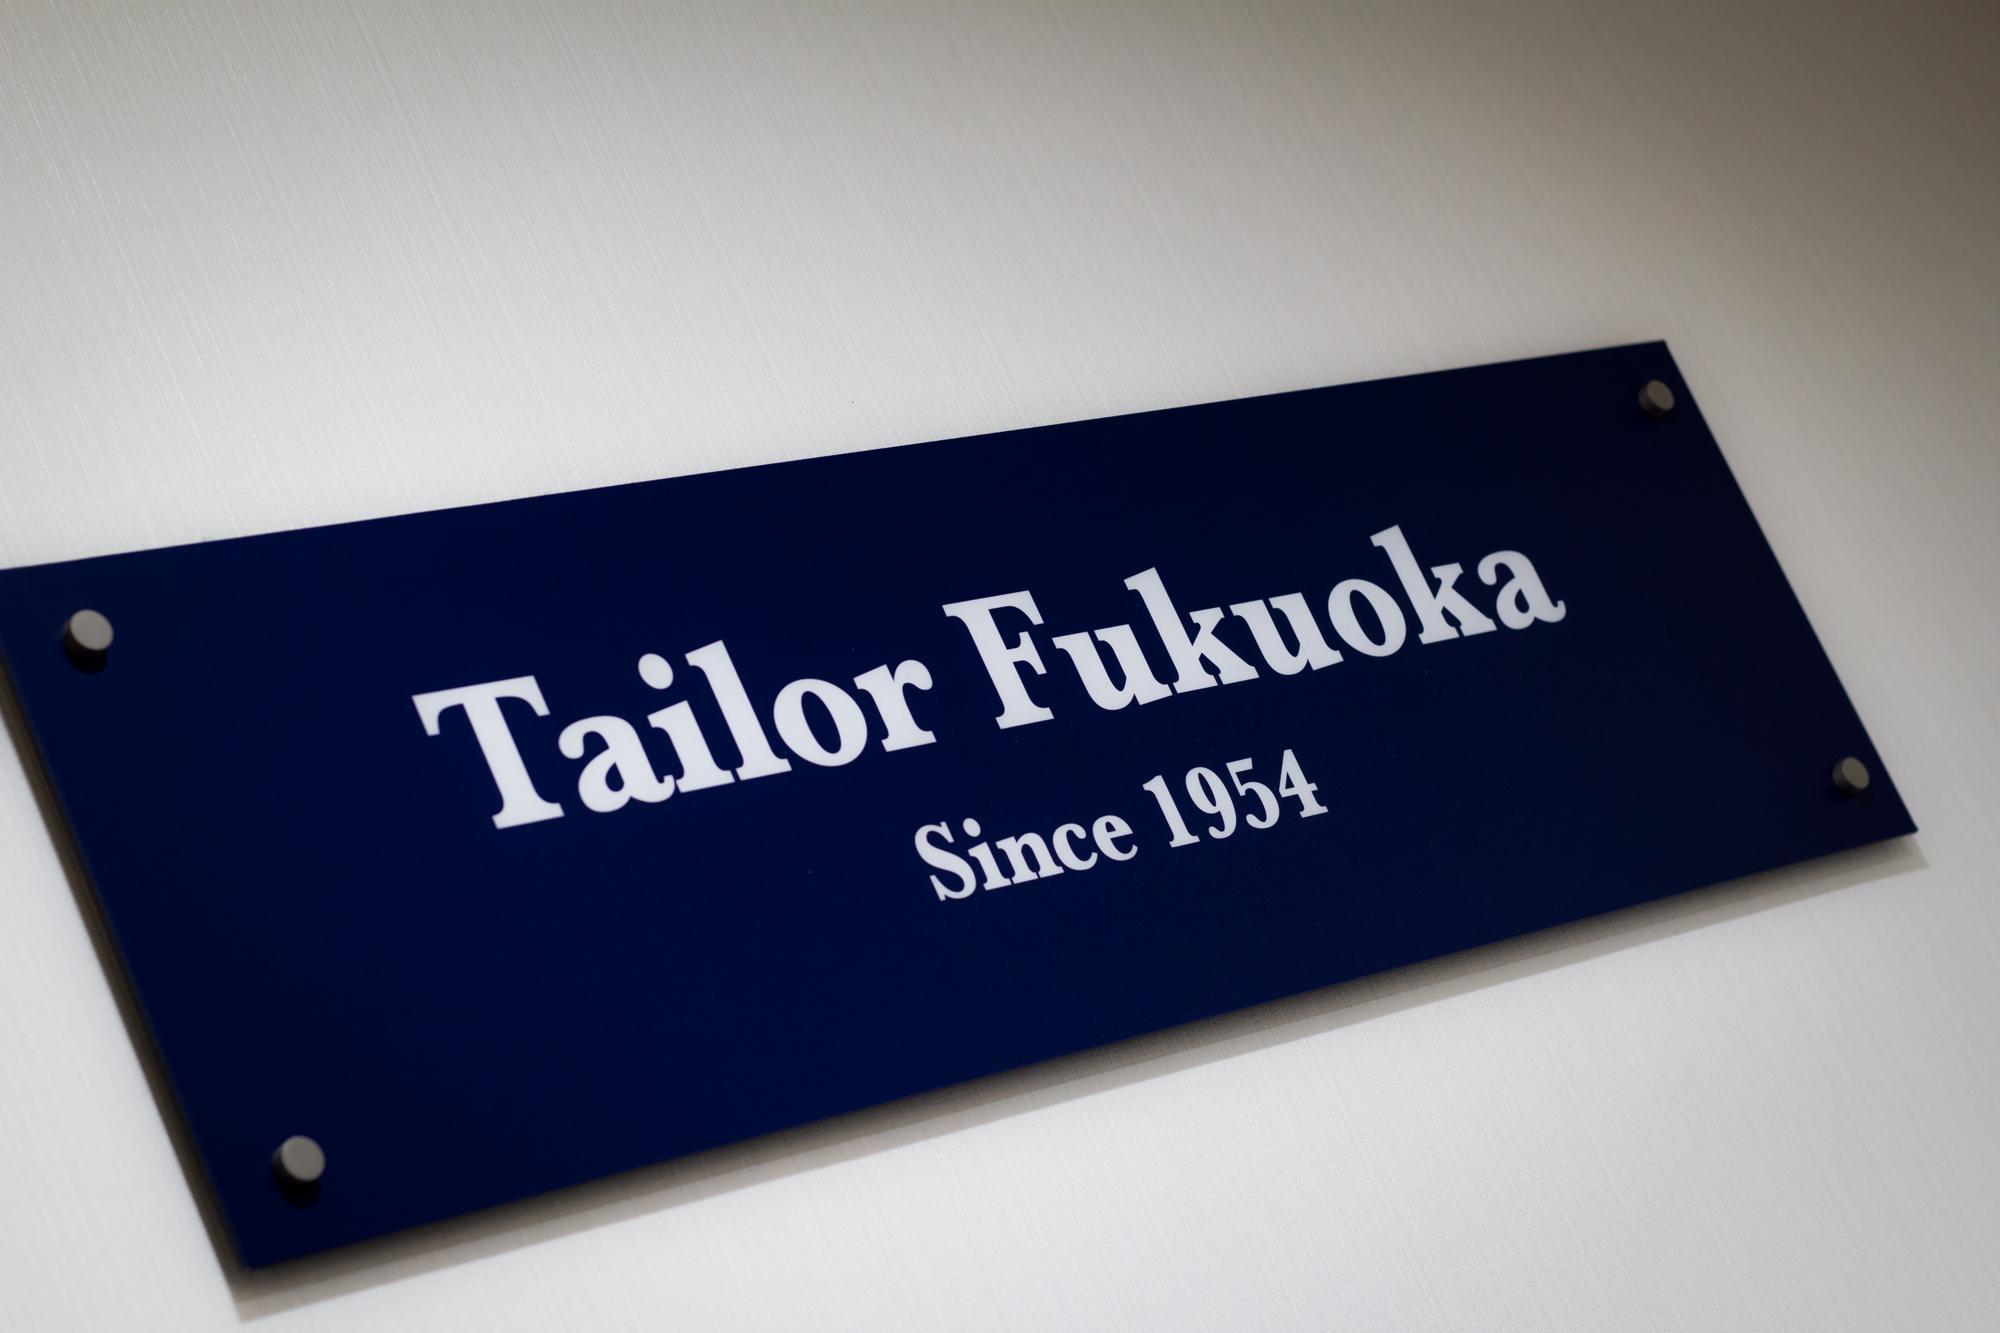 Tailor Fukuoka テーラーフクオカ 看板